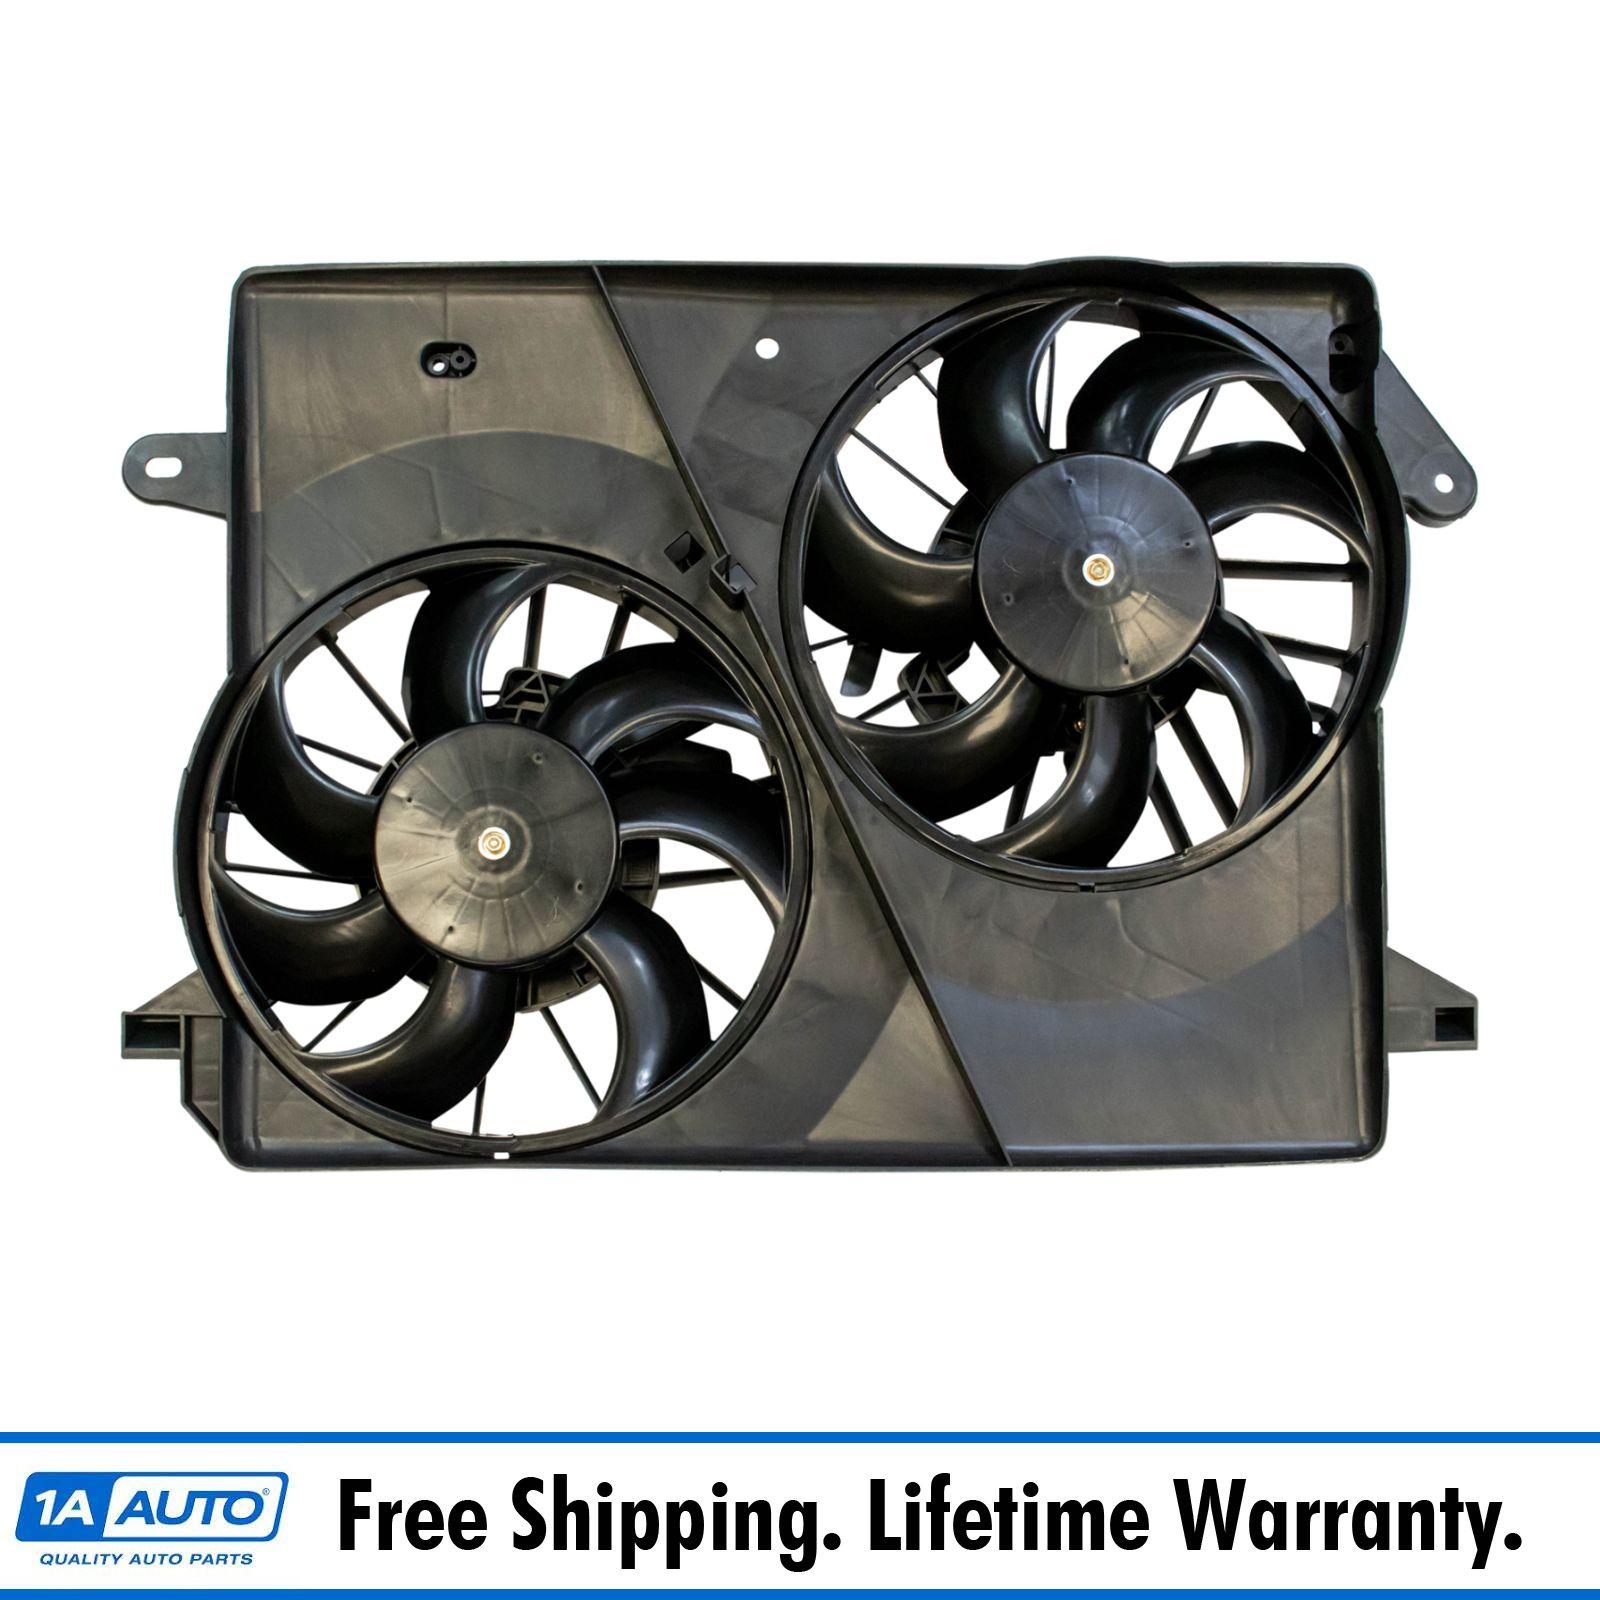 Laser 2834 Diesel Engine Service Tool Kit for GM